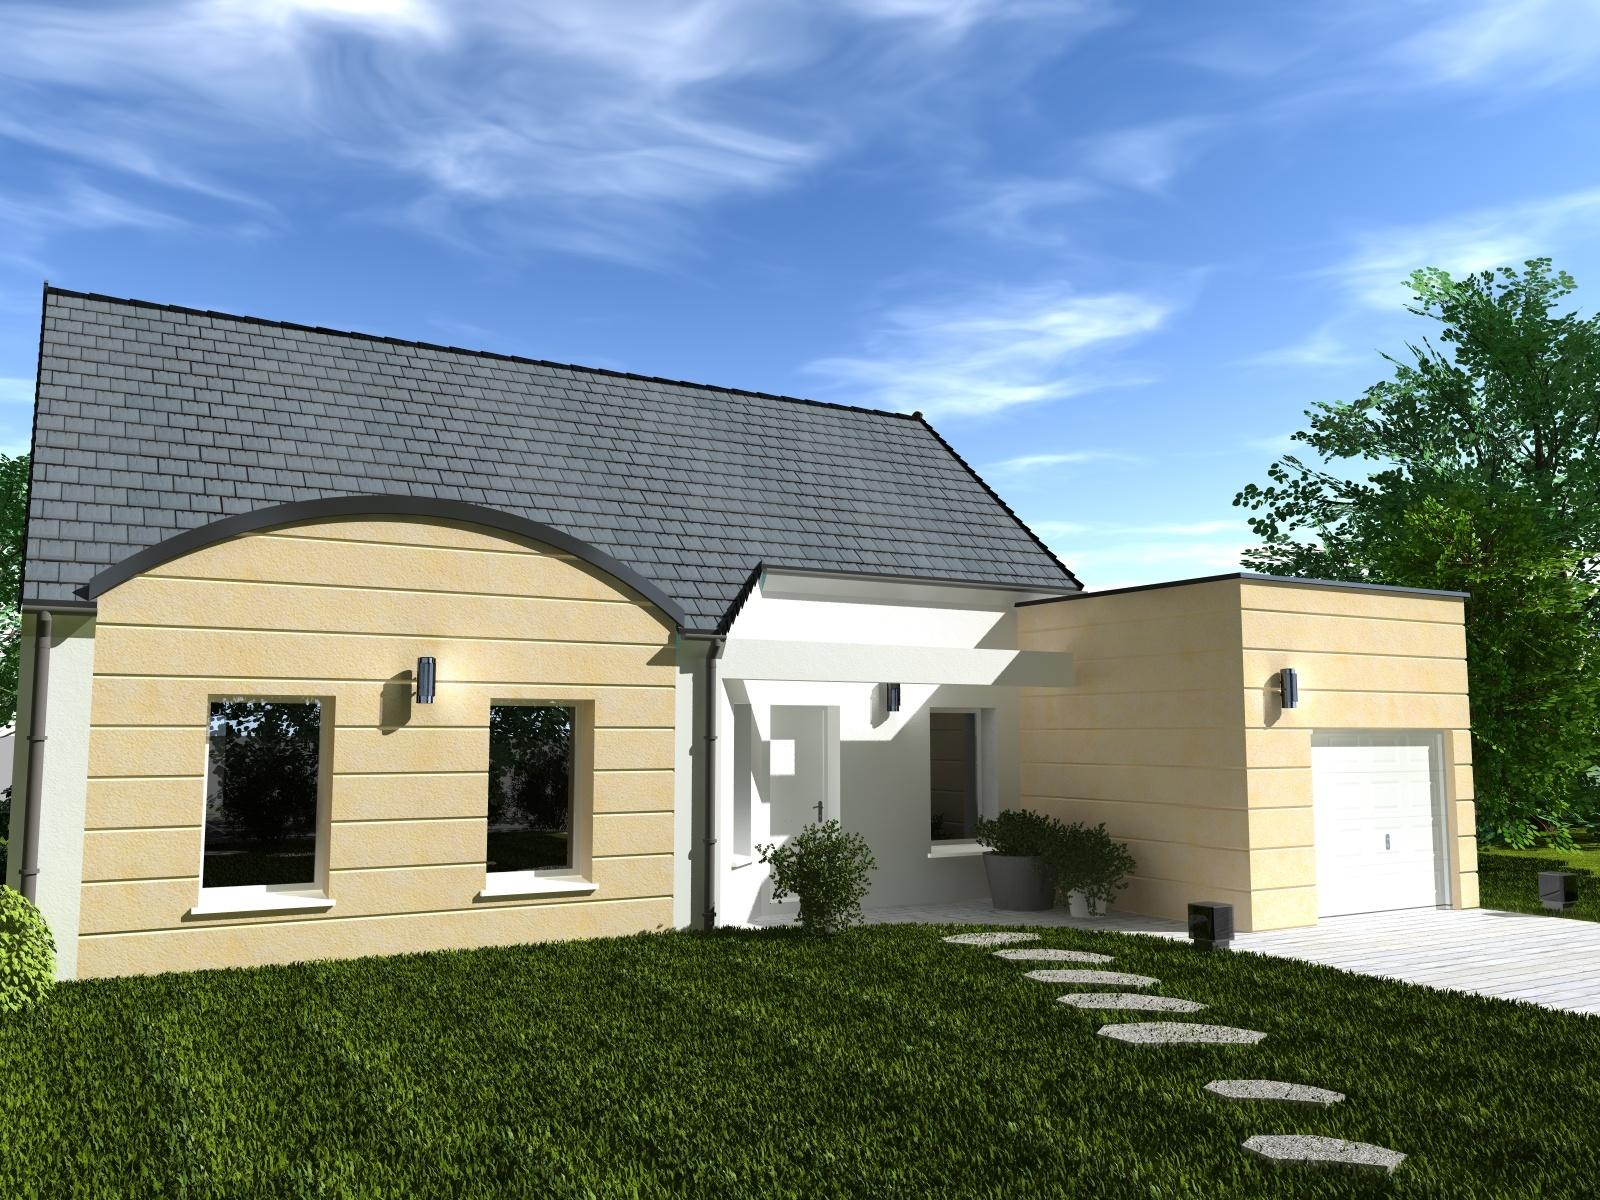 Maisons + Terrains du constructeur Les Maisons Lelievre • 97 m² • ECOMMOY